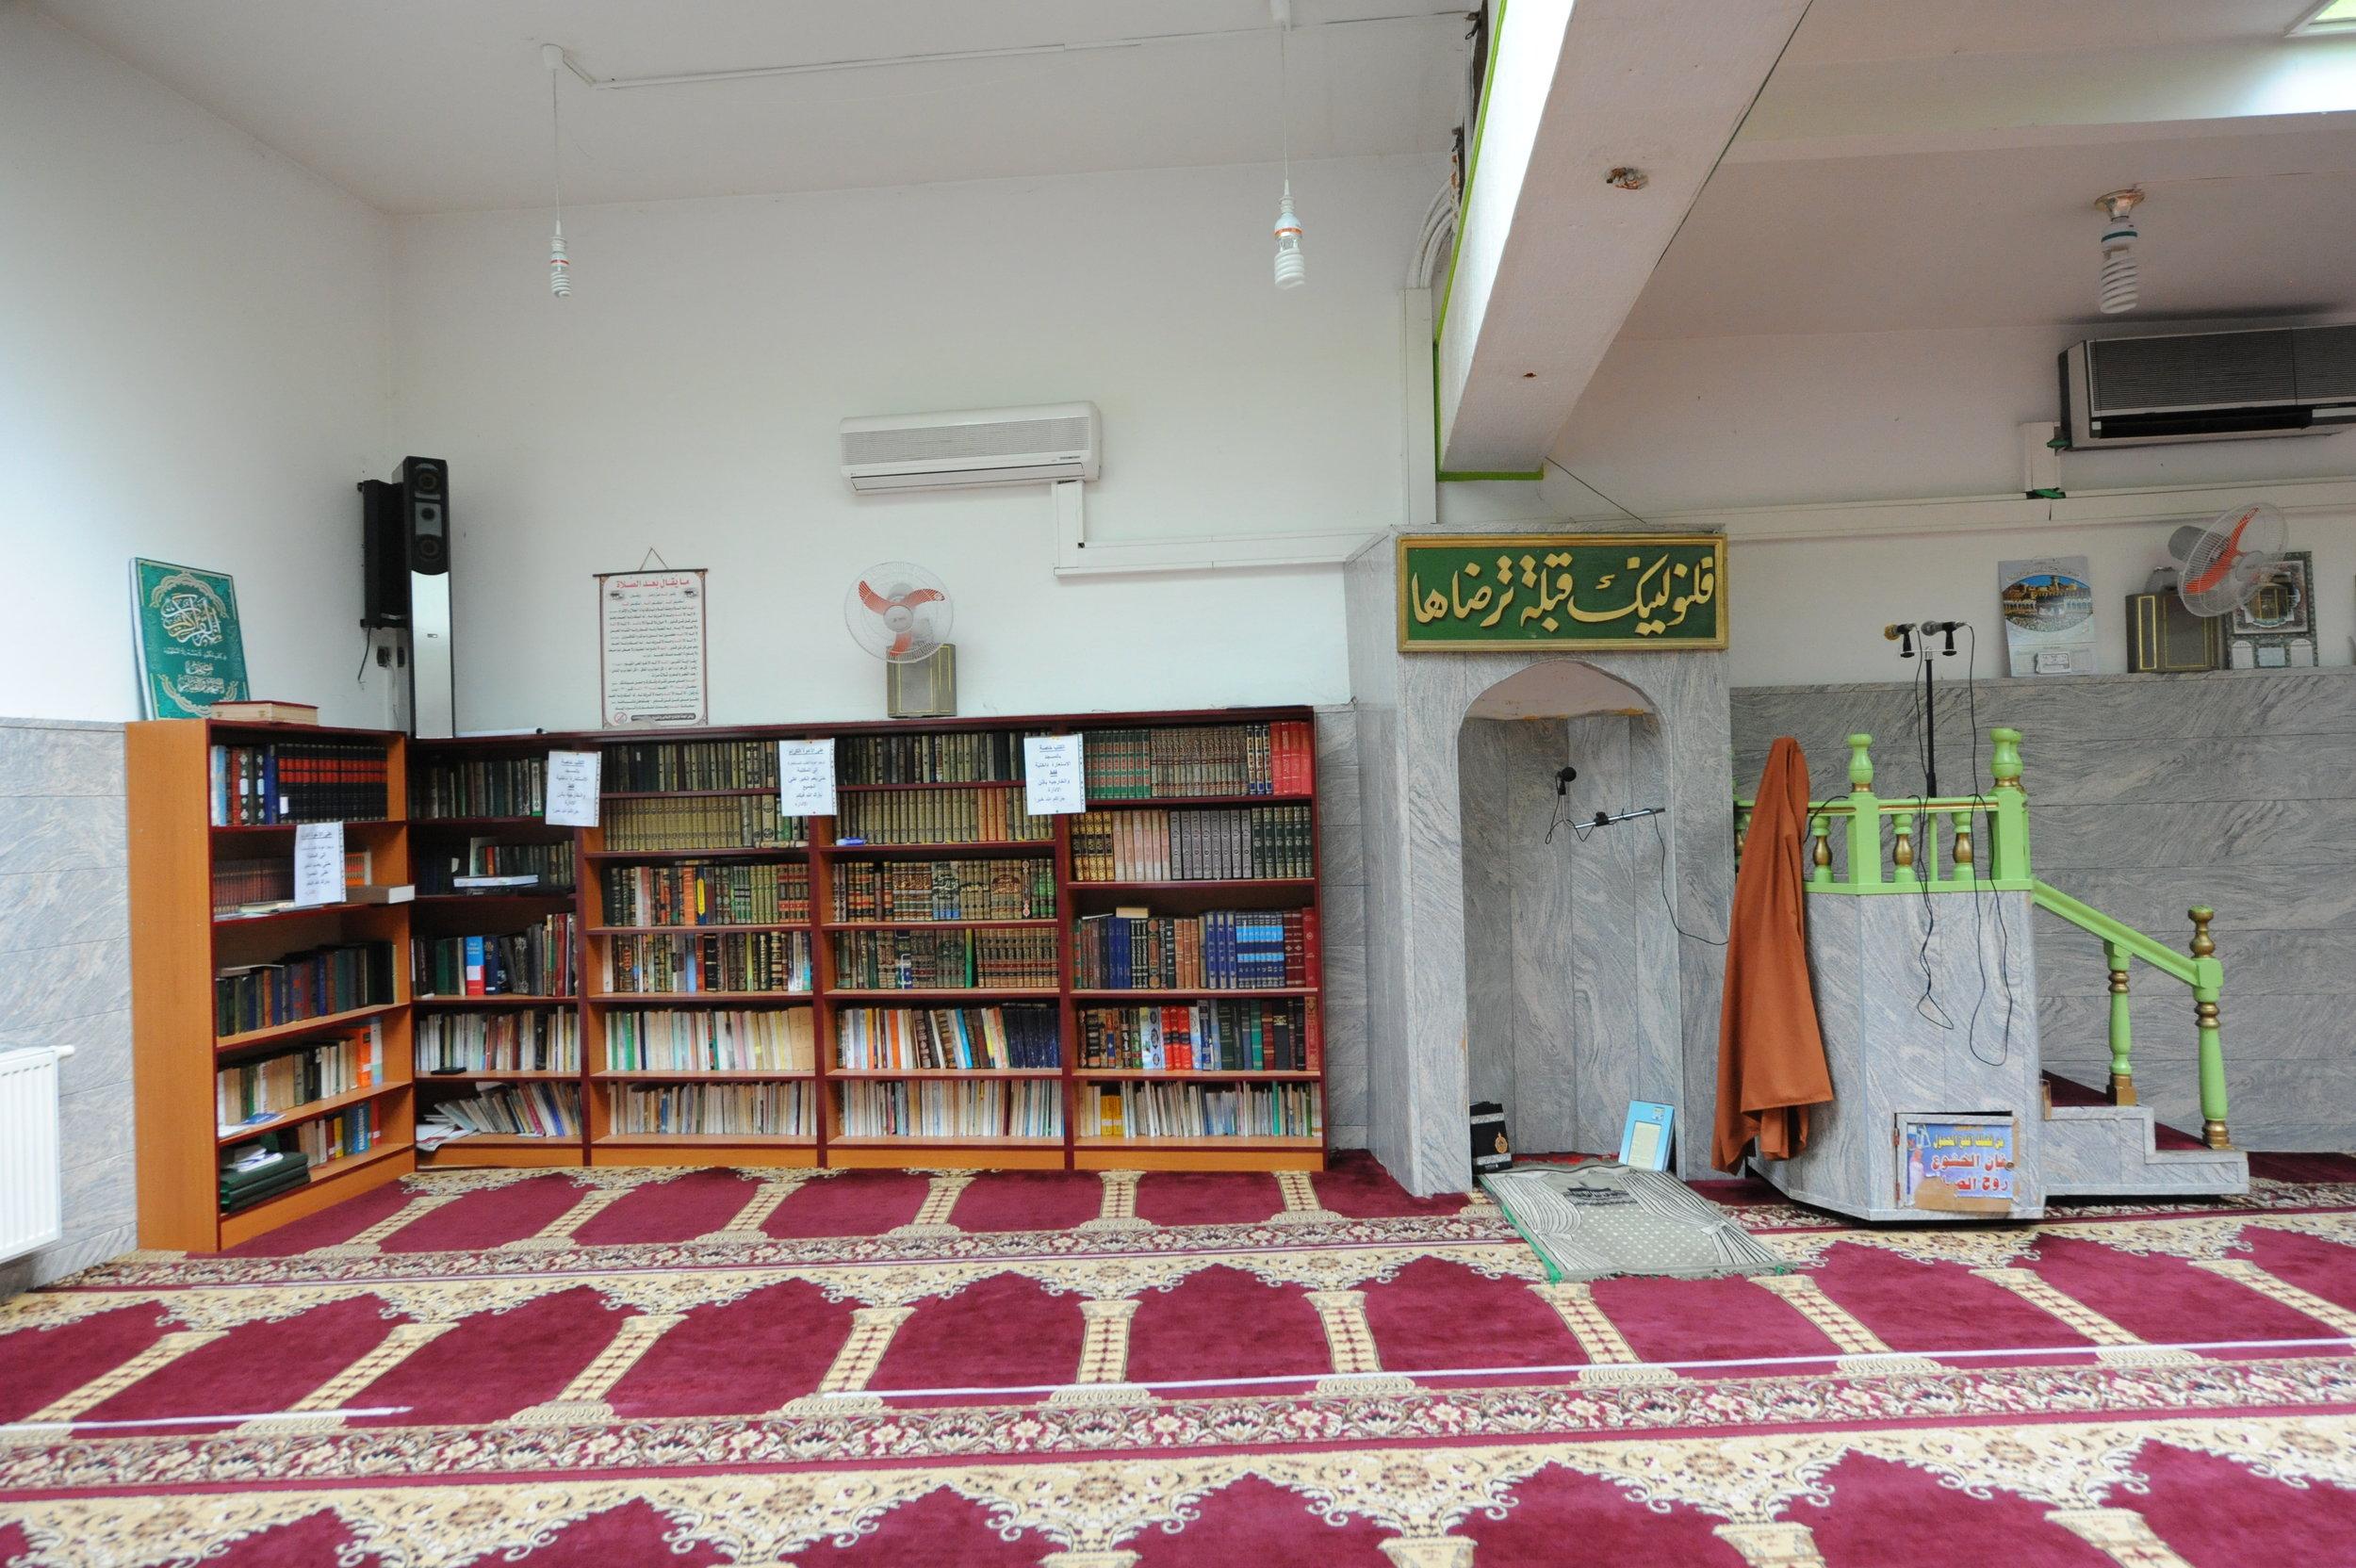 Moscheestile unterscheiden sich sehr nach dem ethnischen Hintergrund der Moschee. Das ist eine ägyptische Moschee, die von ehemaligen ägyptischen Gastarbeiter gegründet wurde. Neben religiösen Praktiken finden hier auch Deutschkurse, Arabischunterricht und Sportkurse statt.FOTOCREDIT: AsMA AIAD